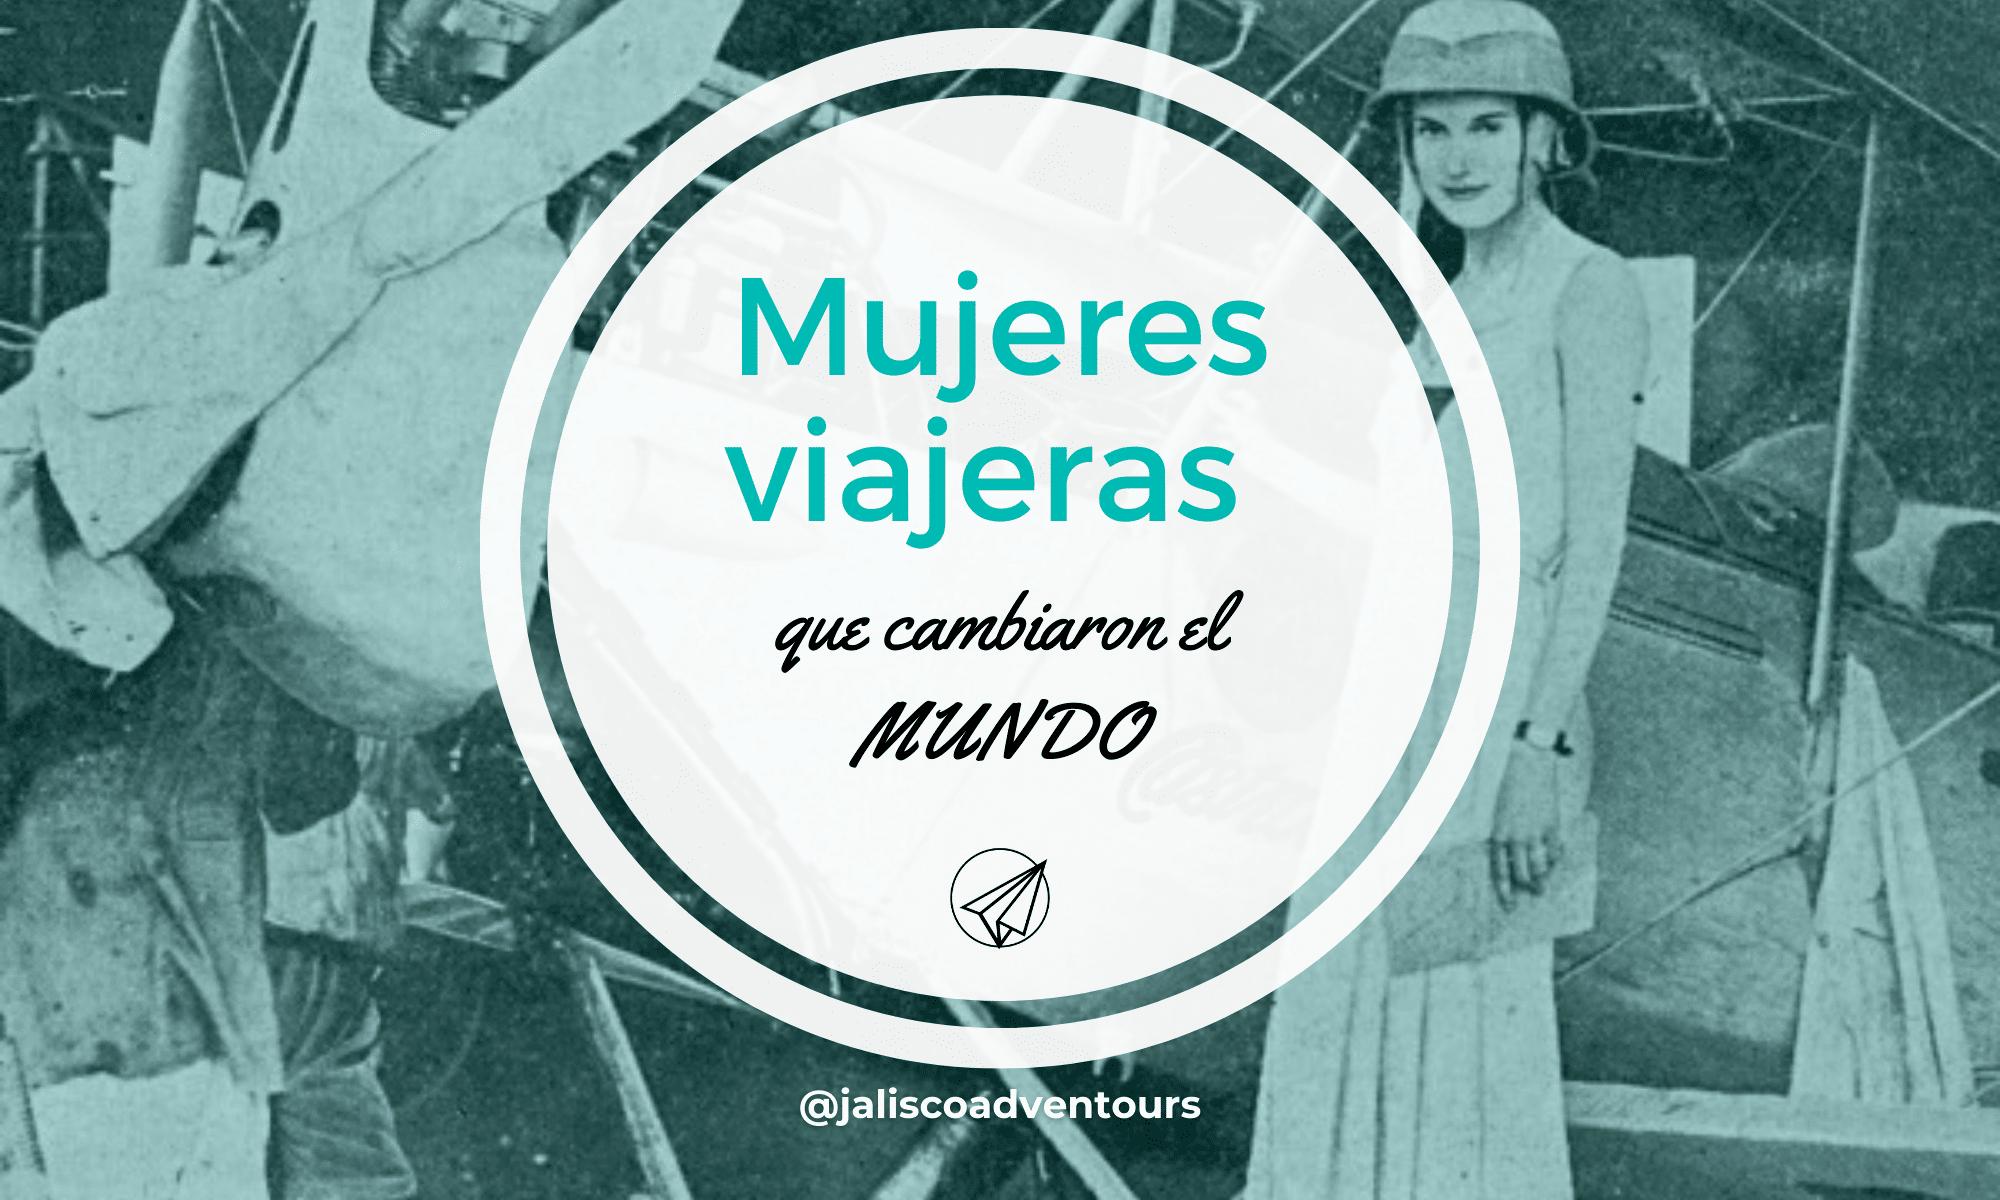 Mujeres Viajeras que Cambiaron el Mundo, Dia de la mujer, 8 de Marzo, Enpoderamiento de mujeres, mujeres exitosas, mujeres que marcaron historia.